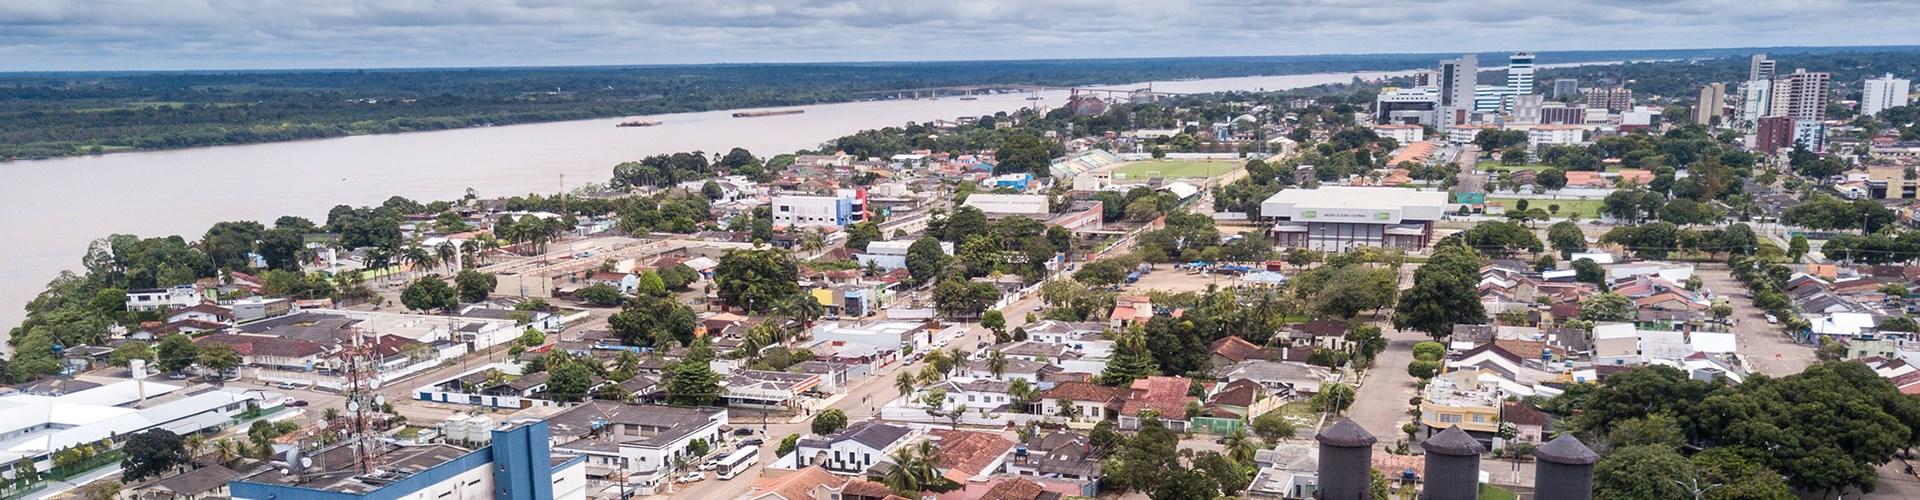 Vista aérea do zangão de ruas do centro de cidade de Porto Velho com quadrado da